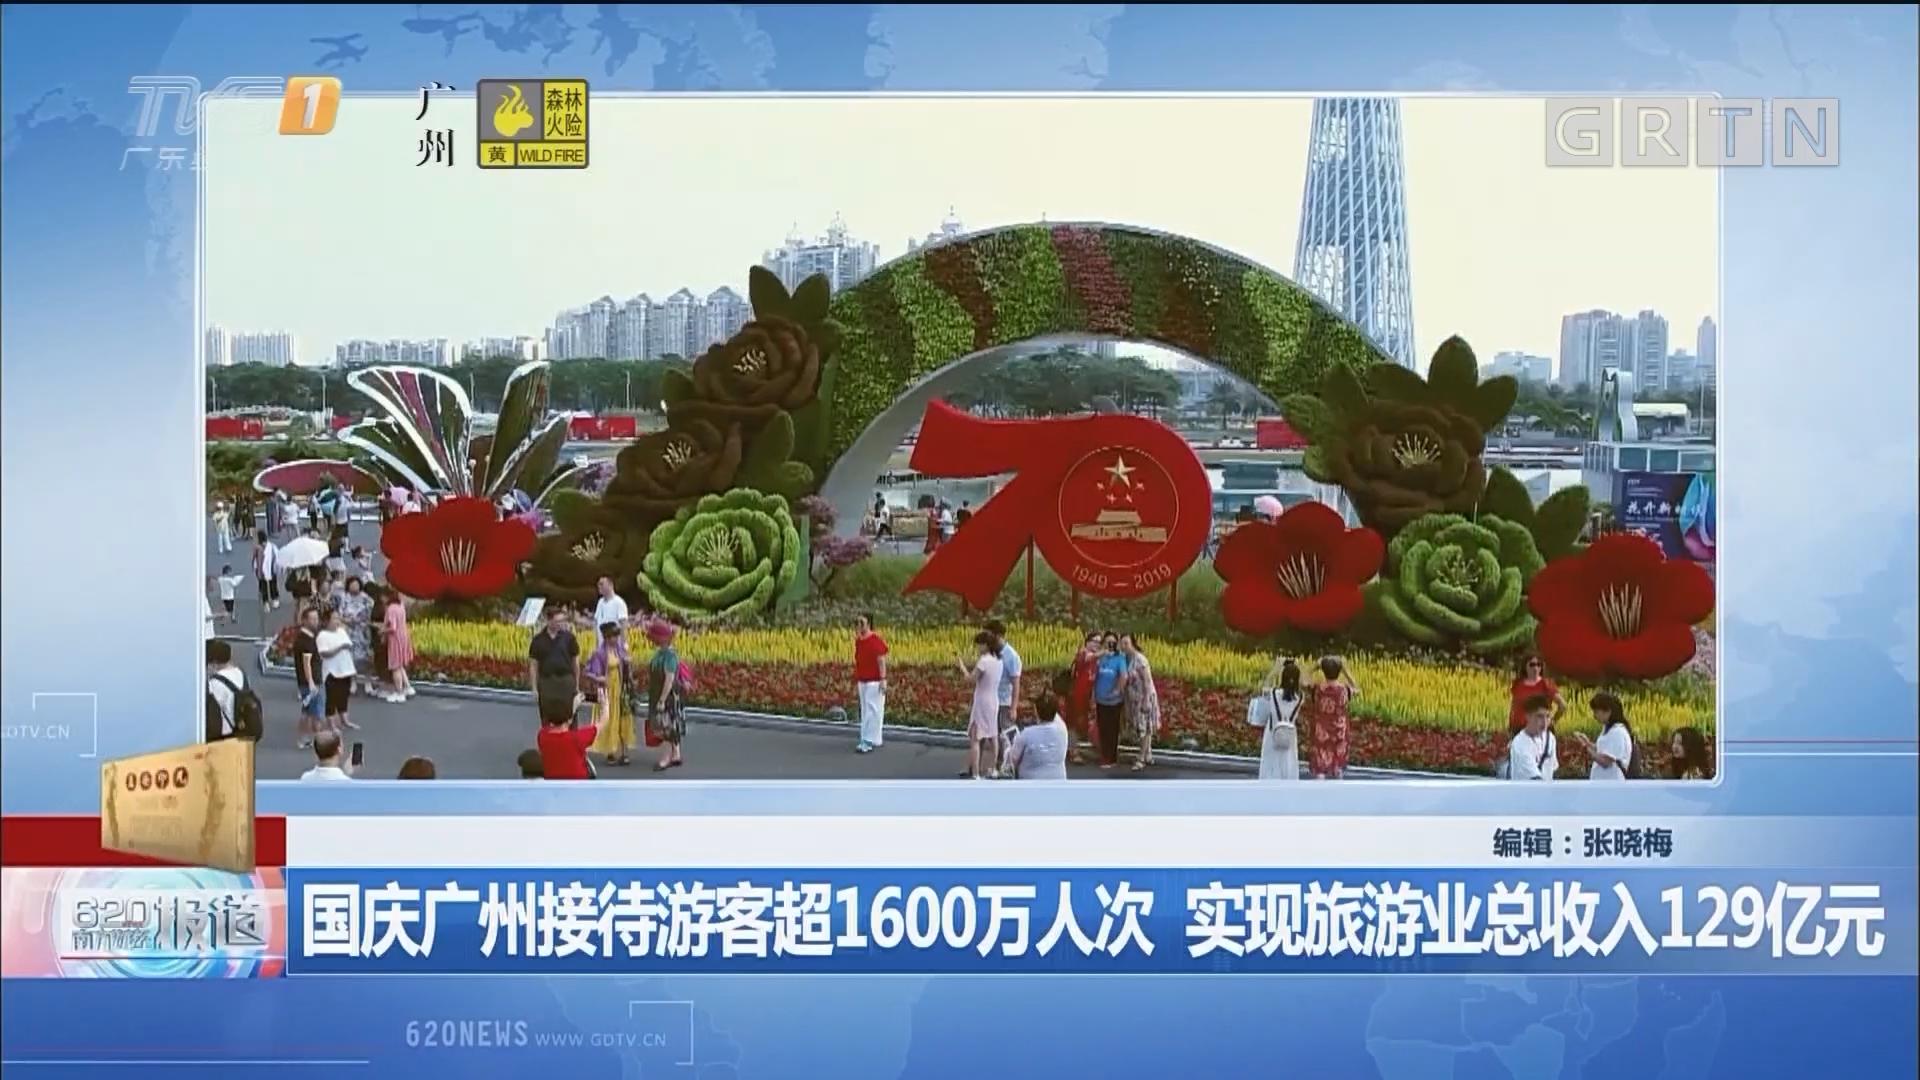 国庆广州接待游客超1600万人次 实现旅游业总收入129亿元